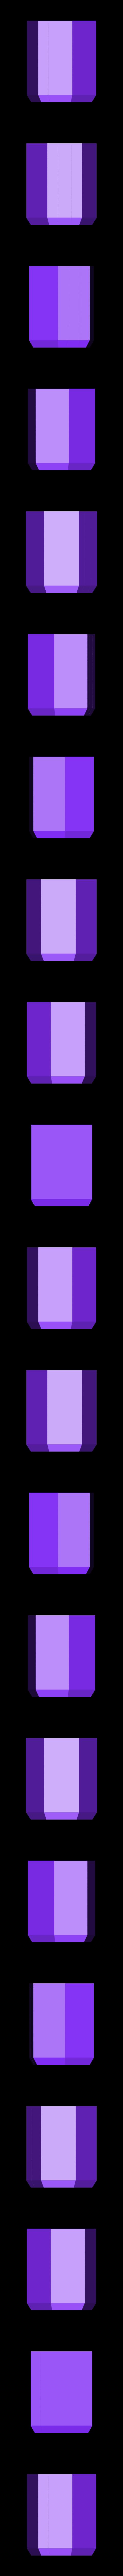 Single_color_planter.STL Télécharger fichier STL gratuit Planteur auto-arrosage multi-couleurs • Objet à imprimer en 3D, MosaicManufacturing